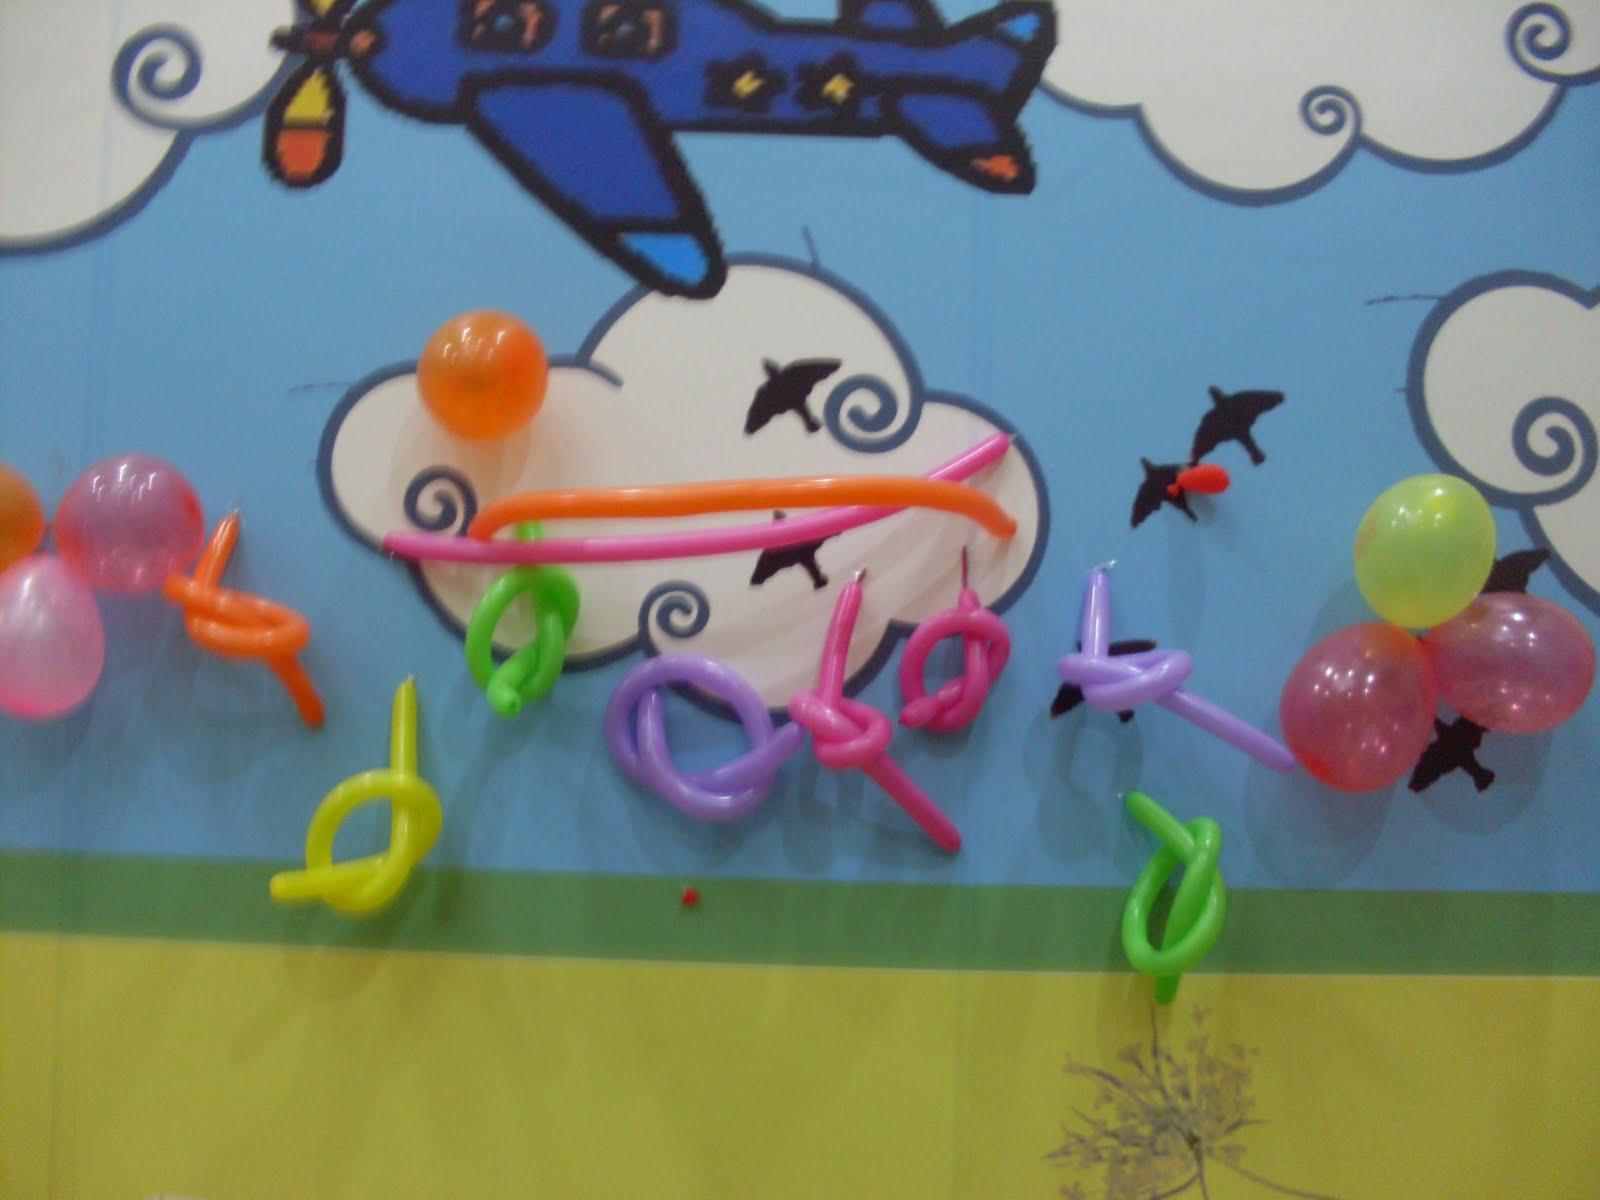 Taska darul hannan masjid wilayah besday tdh mw jan jun 2010 for Mural untuk kanak kanak